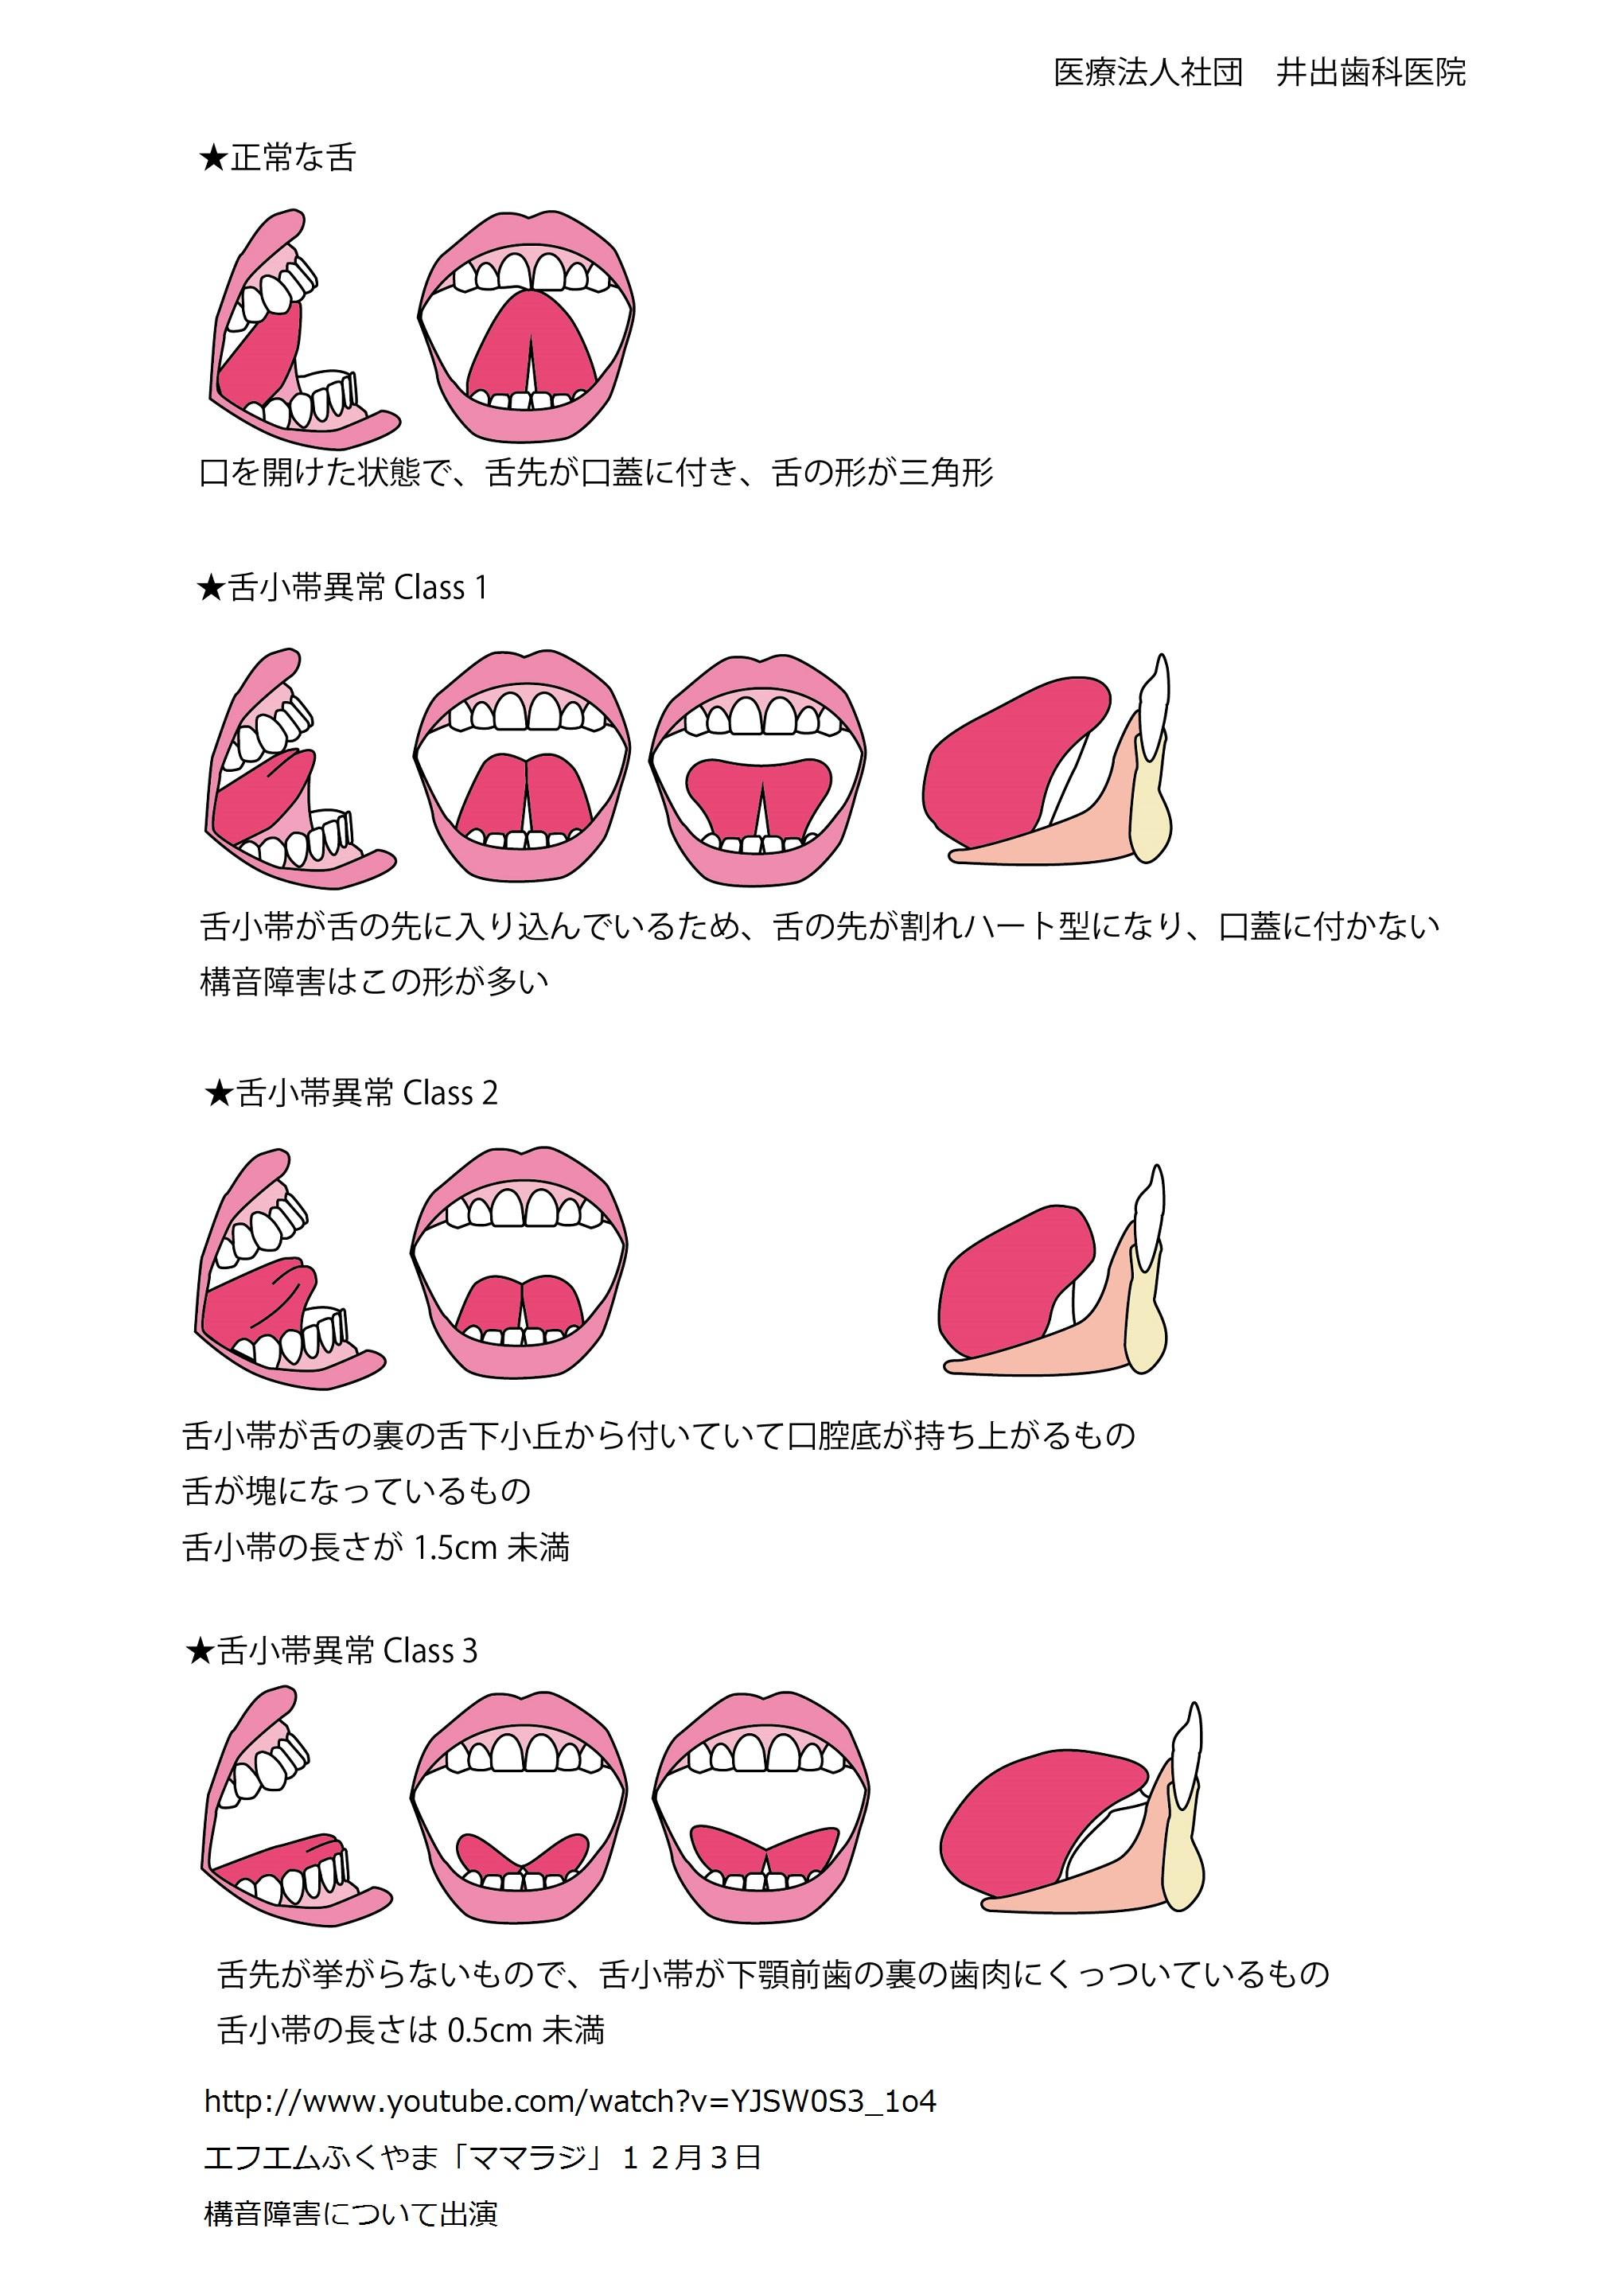 舌小帯は分類によって切るわけでなく、全て口蓋に舌先が付かなければ切ります!